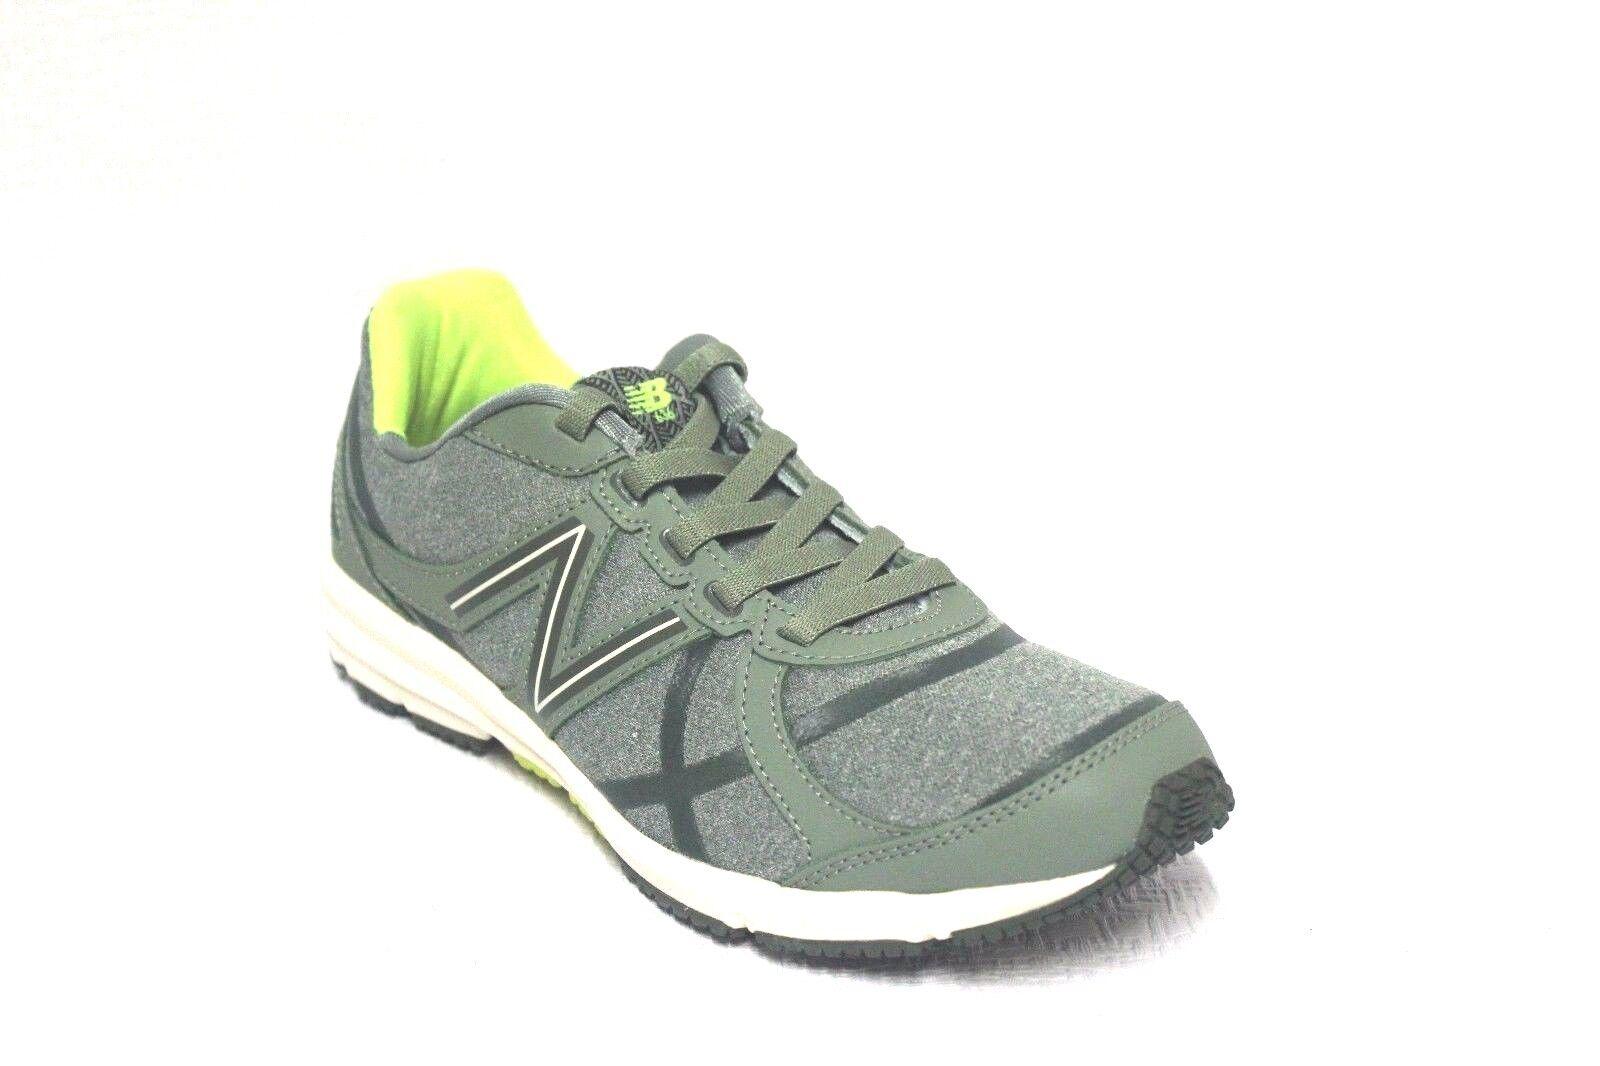 Nouvelles Arrivées a8f5c c25fe New Balance WL636CW chaussures Femme Lifestyle Mode De Vie ...